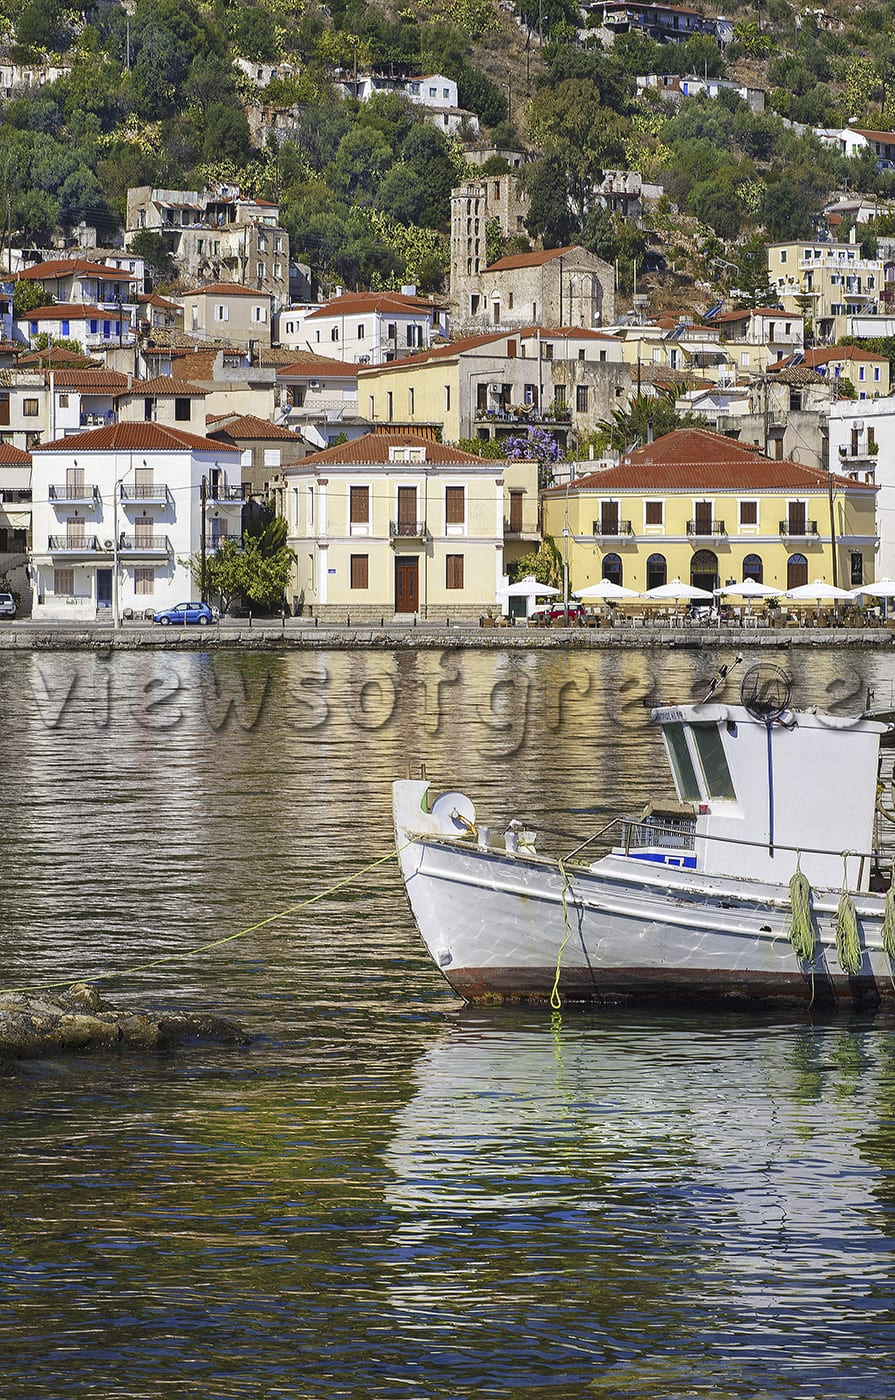 greece, peloponnese, githio, mani, greek, beach, shipwreck, travel, laconia, glyfada, architecture, gytheio, village, tower, mani, tainaron, Γύθειο, Μάνη, ακρωτήριο Ταίναρο, ναυάγιο